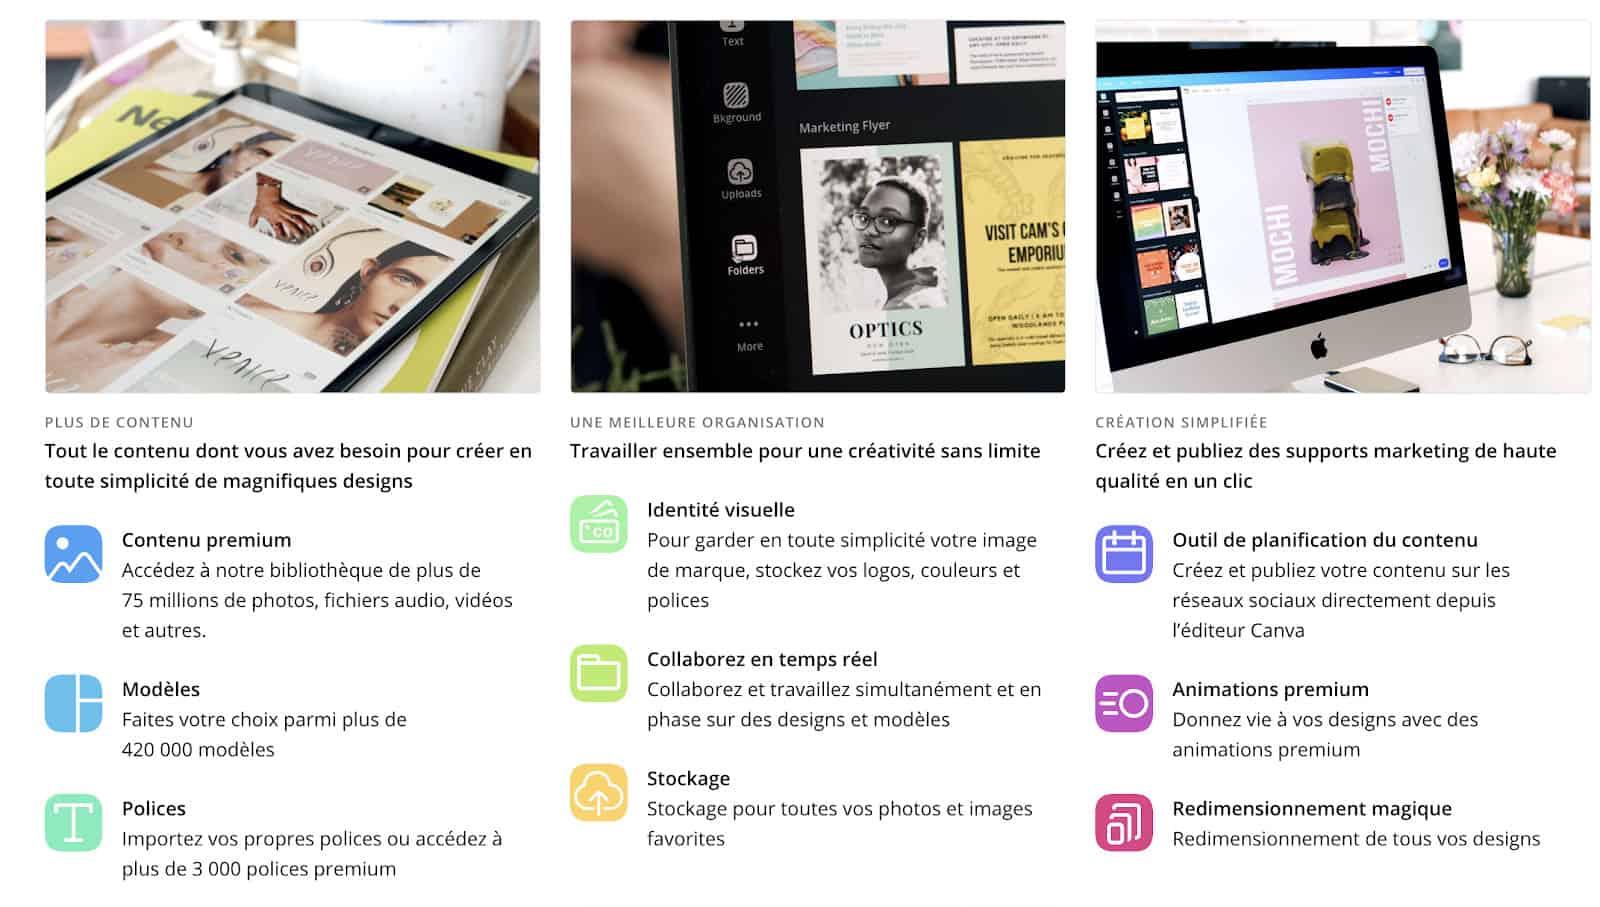 Guide Canva : Comment créer facilement vos propres visuels en 2021 4